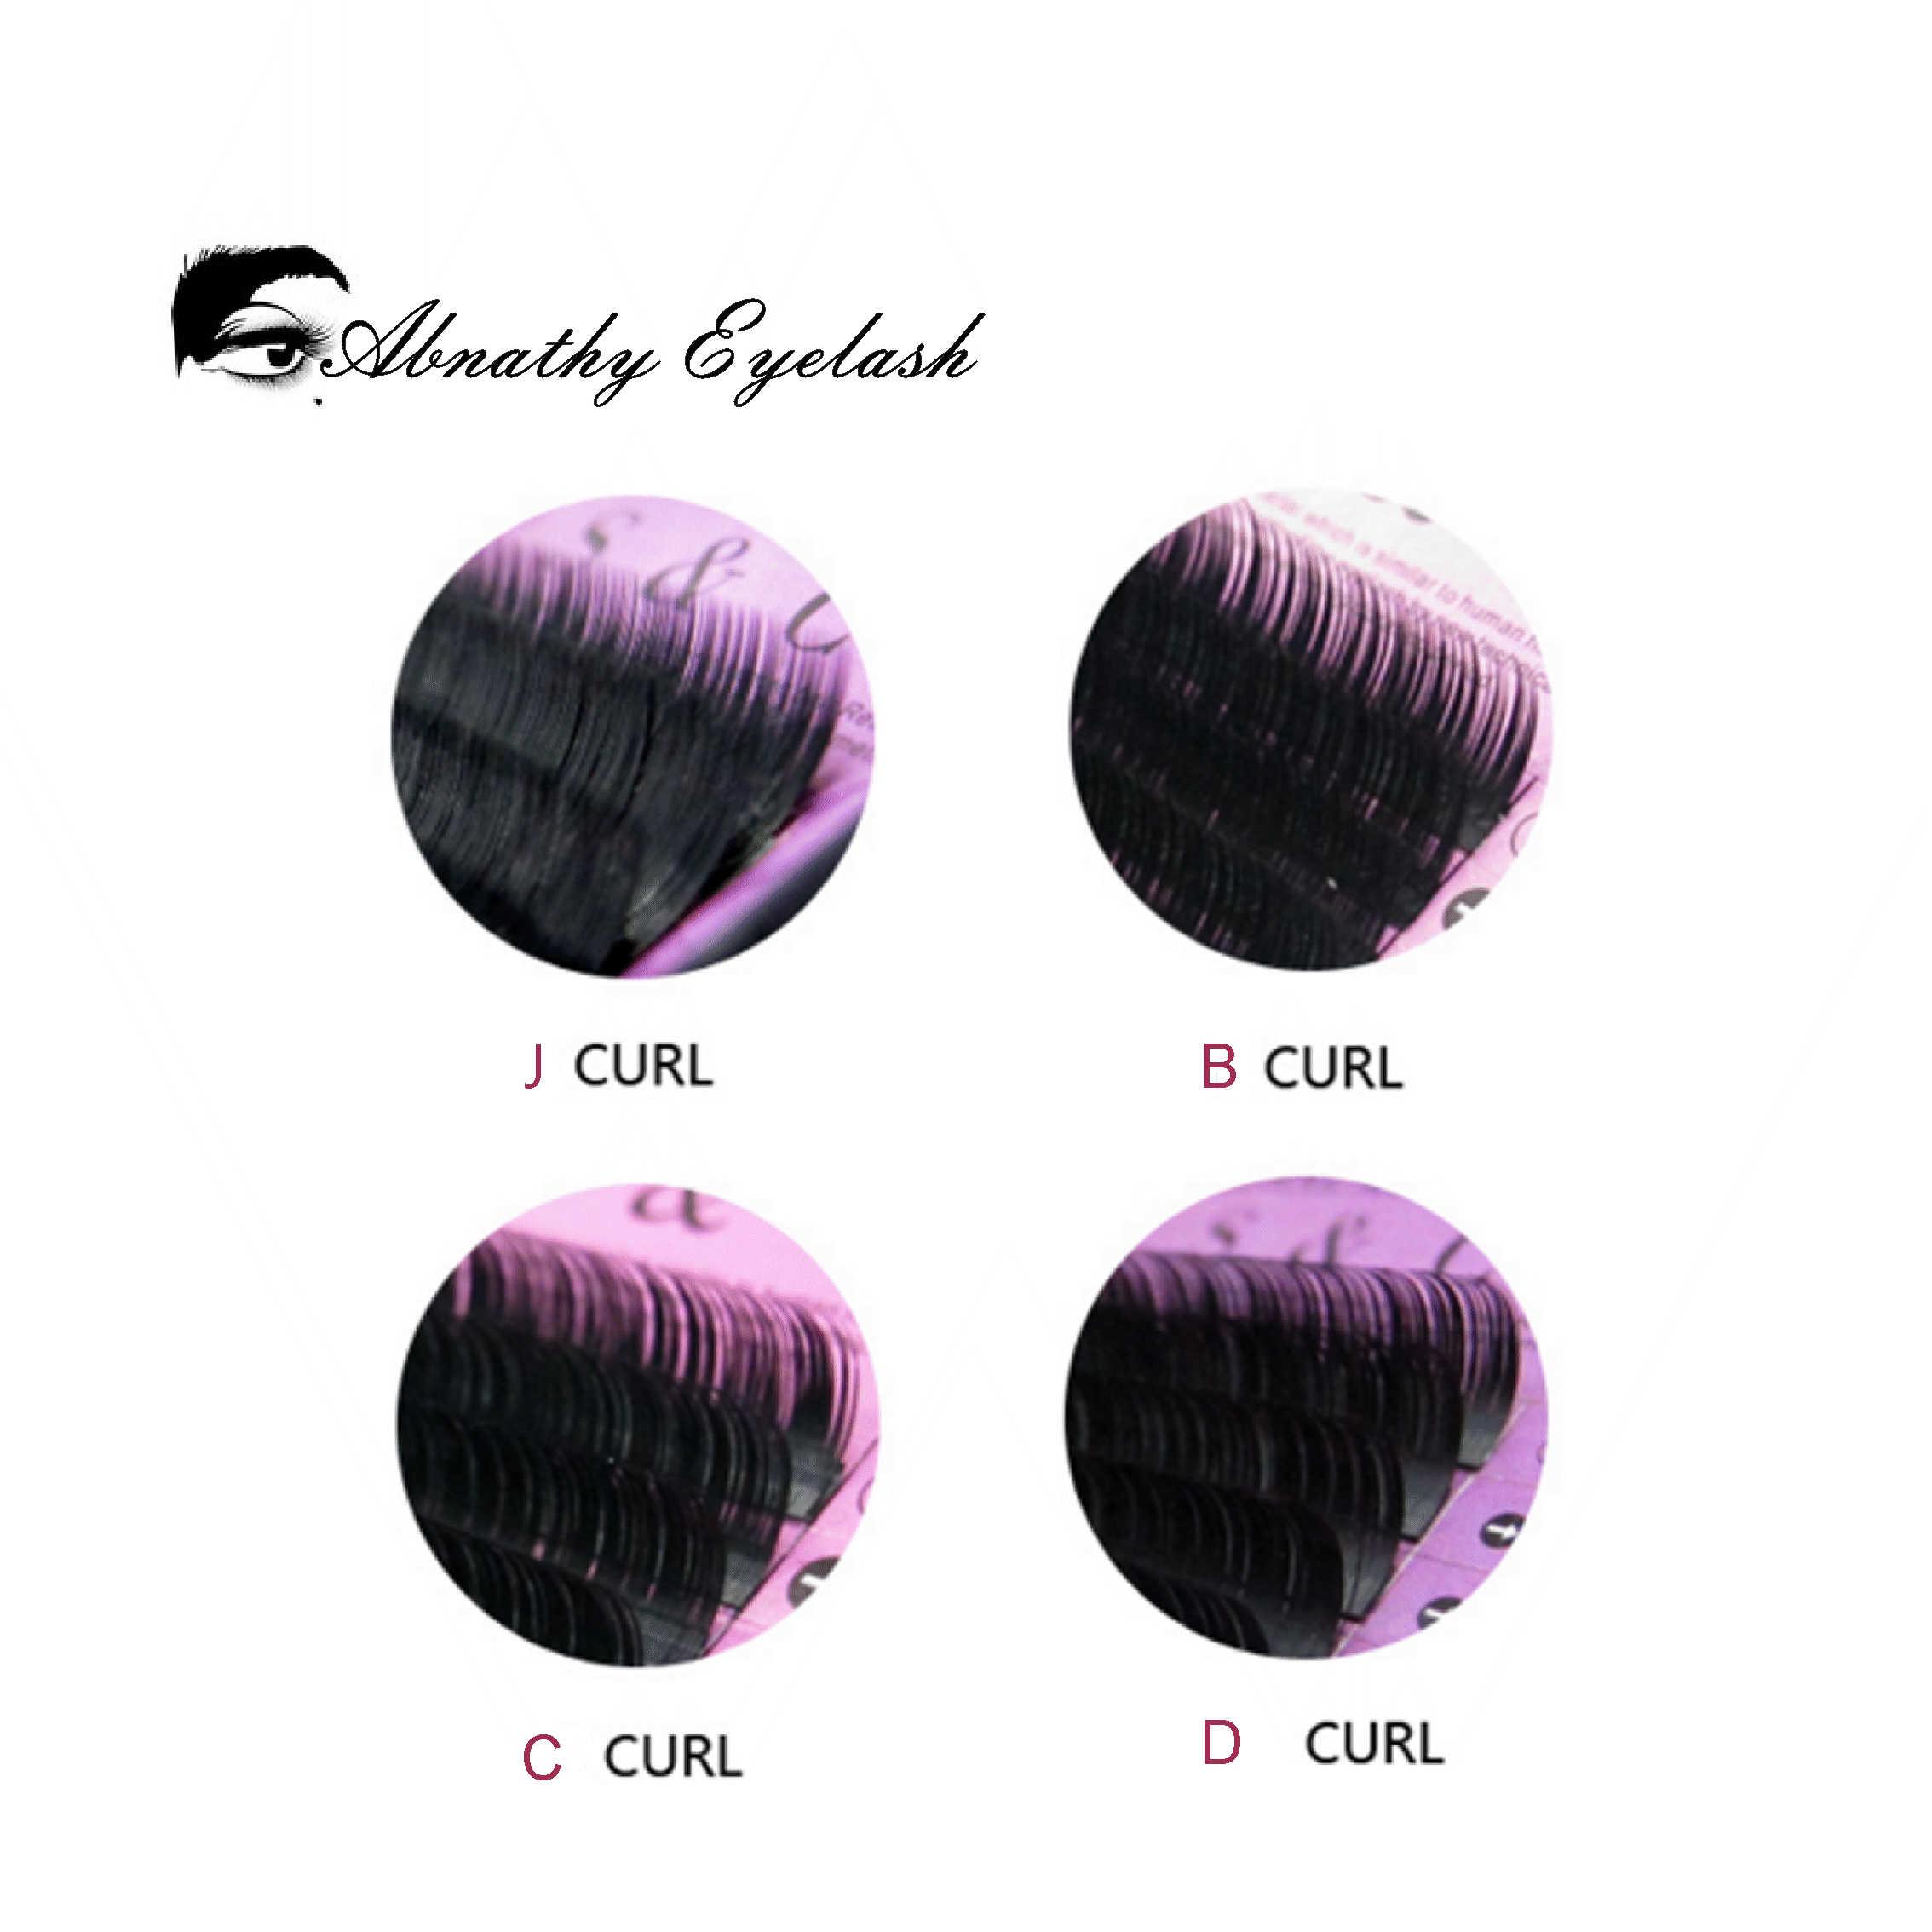 Все Размеры J B C D Curl 4 шт./лот Abnathy ресницы расширения Ciglia Finte отдельных искусственной Фольшая ресницы расширение